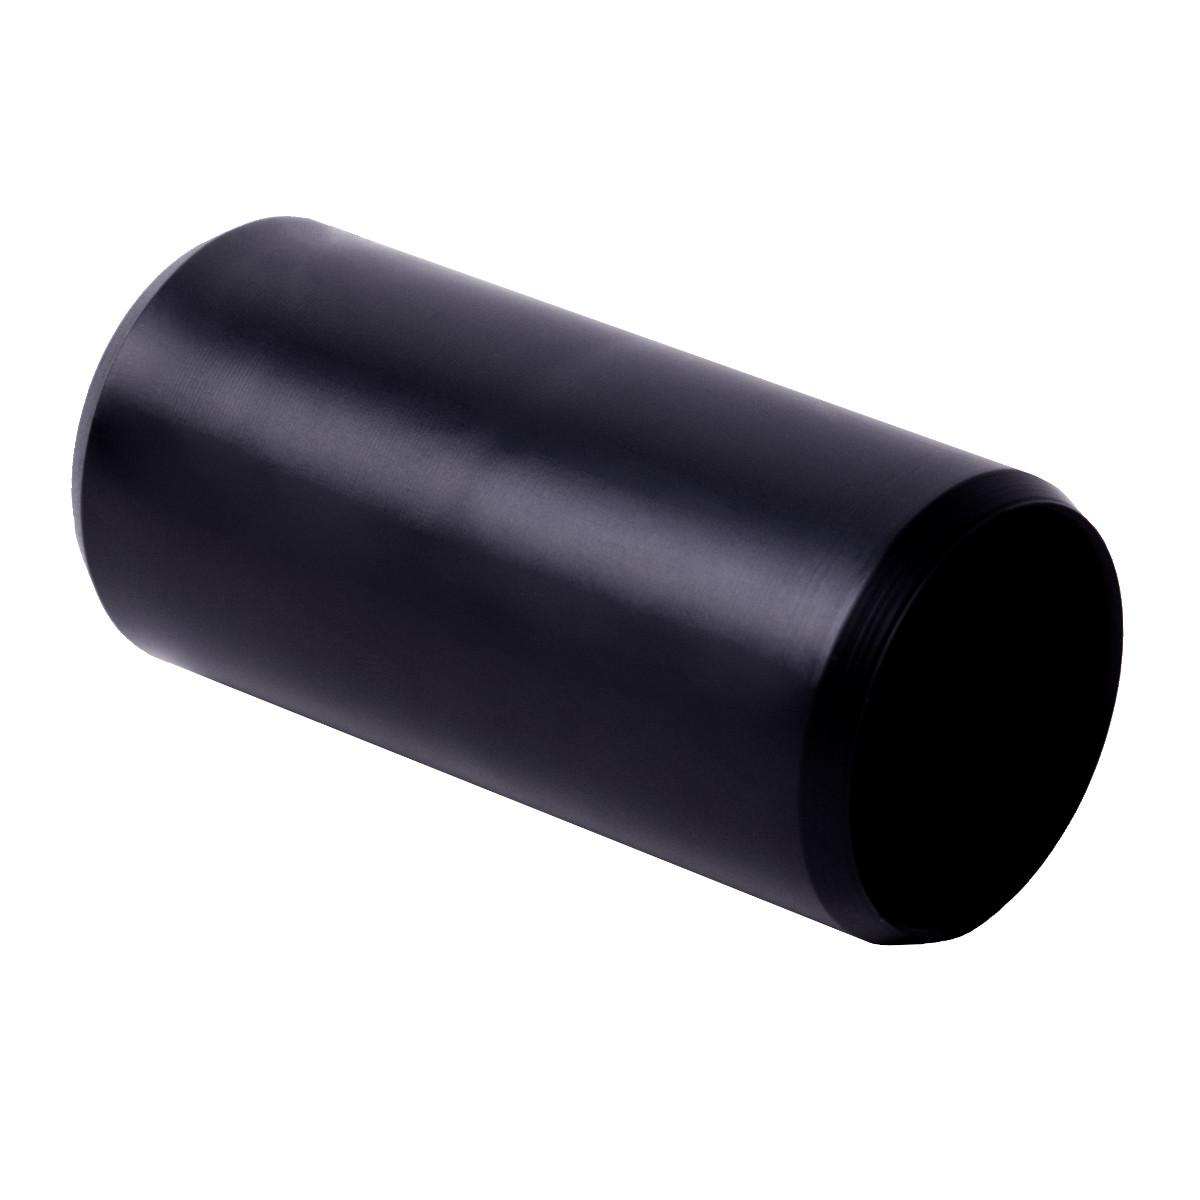 Муфта з'єднувальна для труби 20 мм ; Ø20 мм; УФ-стійкі; полікарбонат; безгалогенна; t застосування -45-90 °с; чорна; Упаковка 10 шт